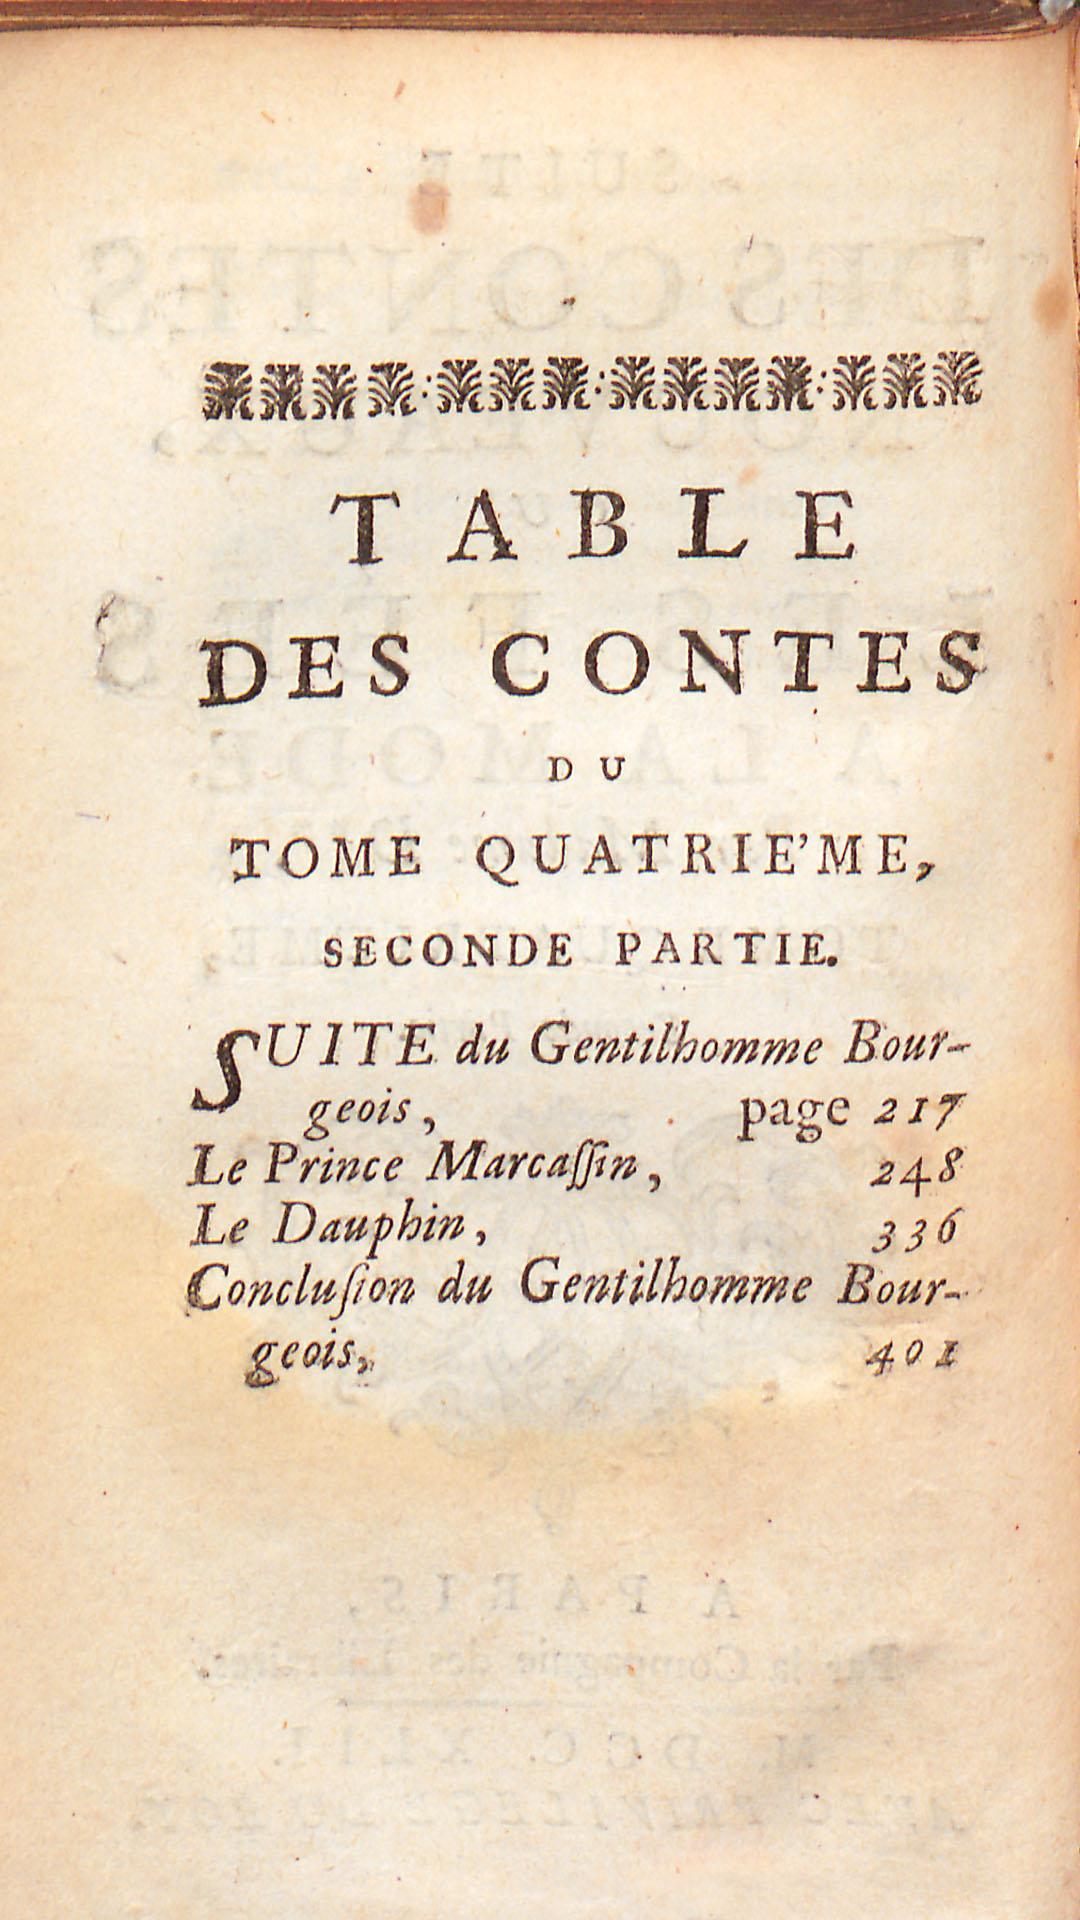 Table des contes, tome quatrième, seconde partie